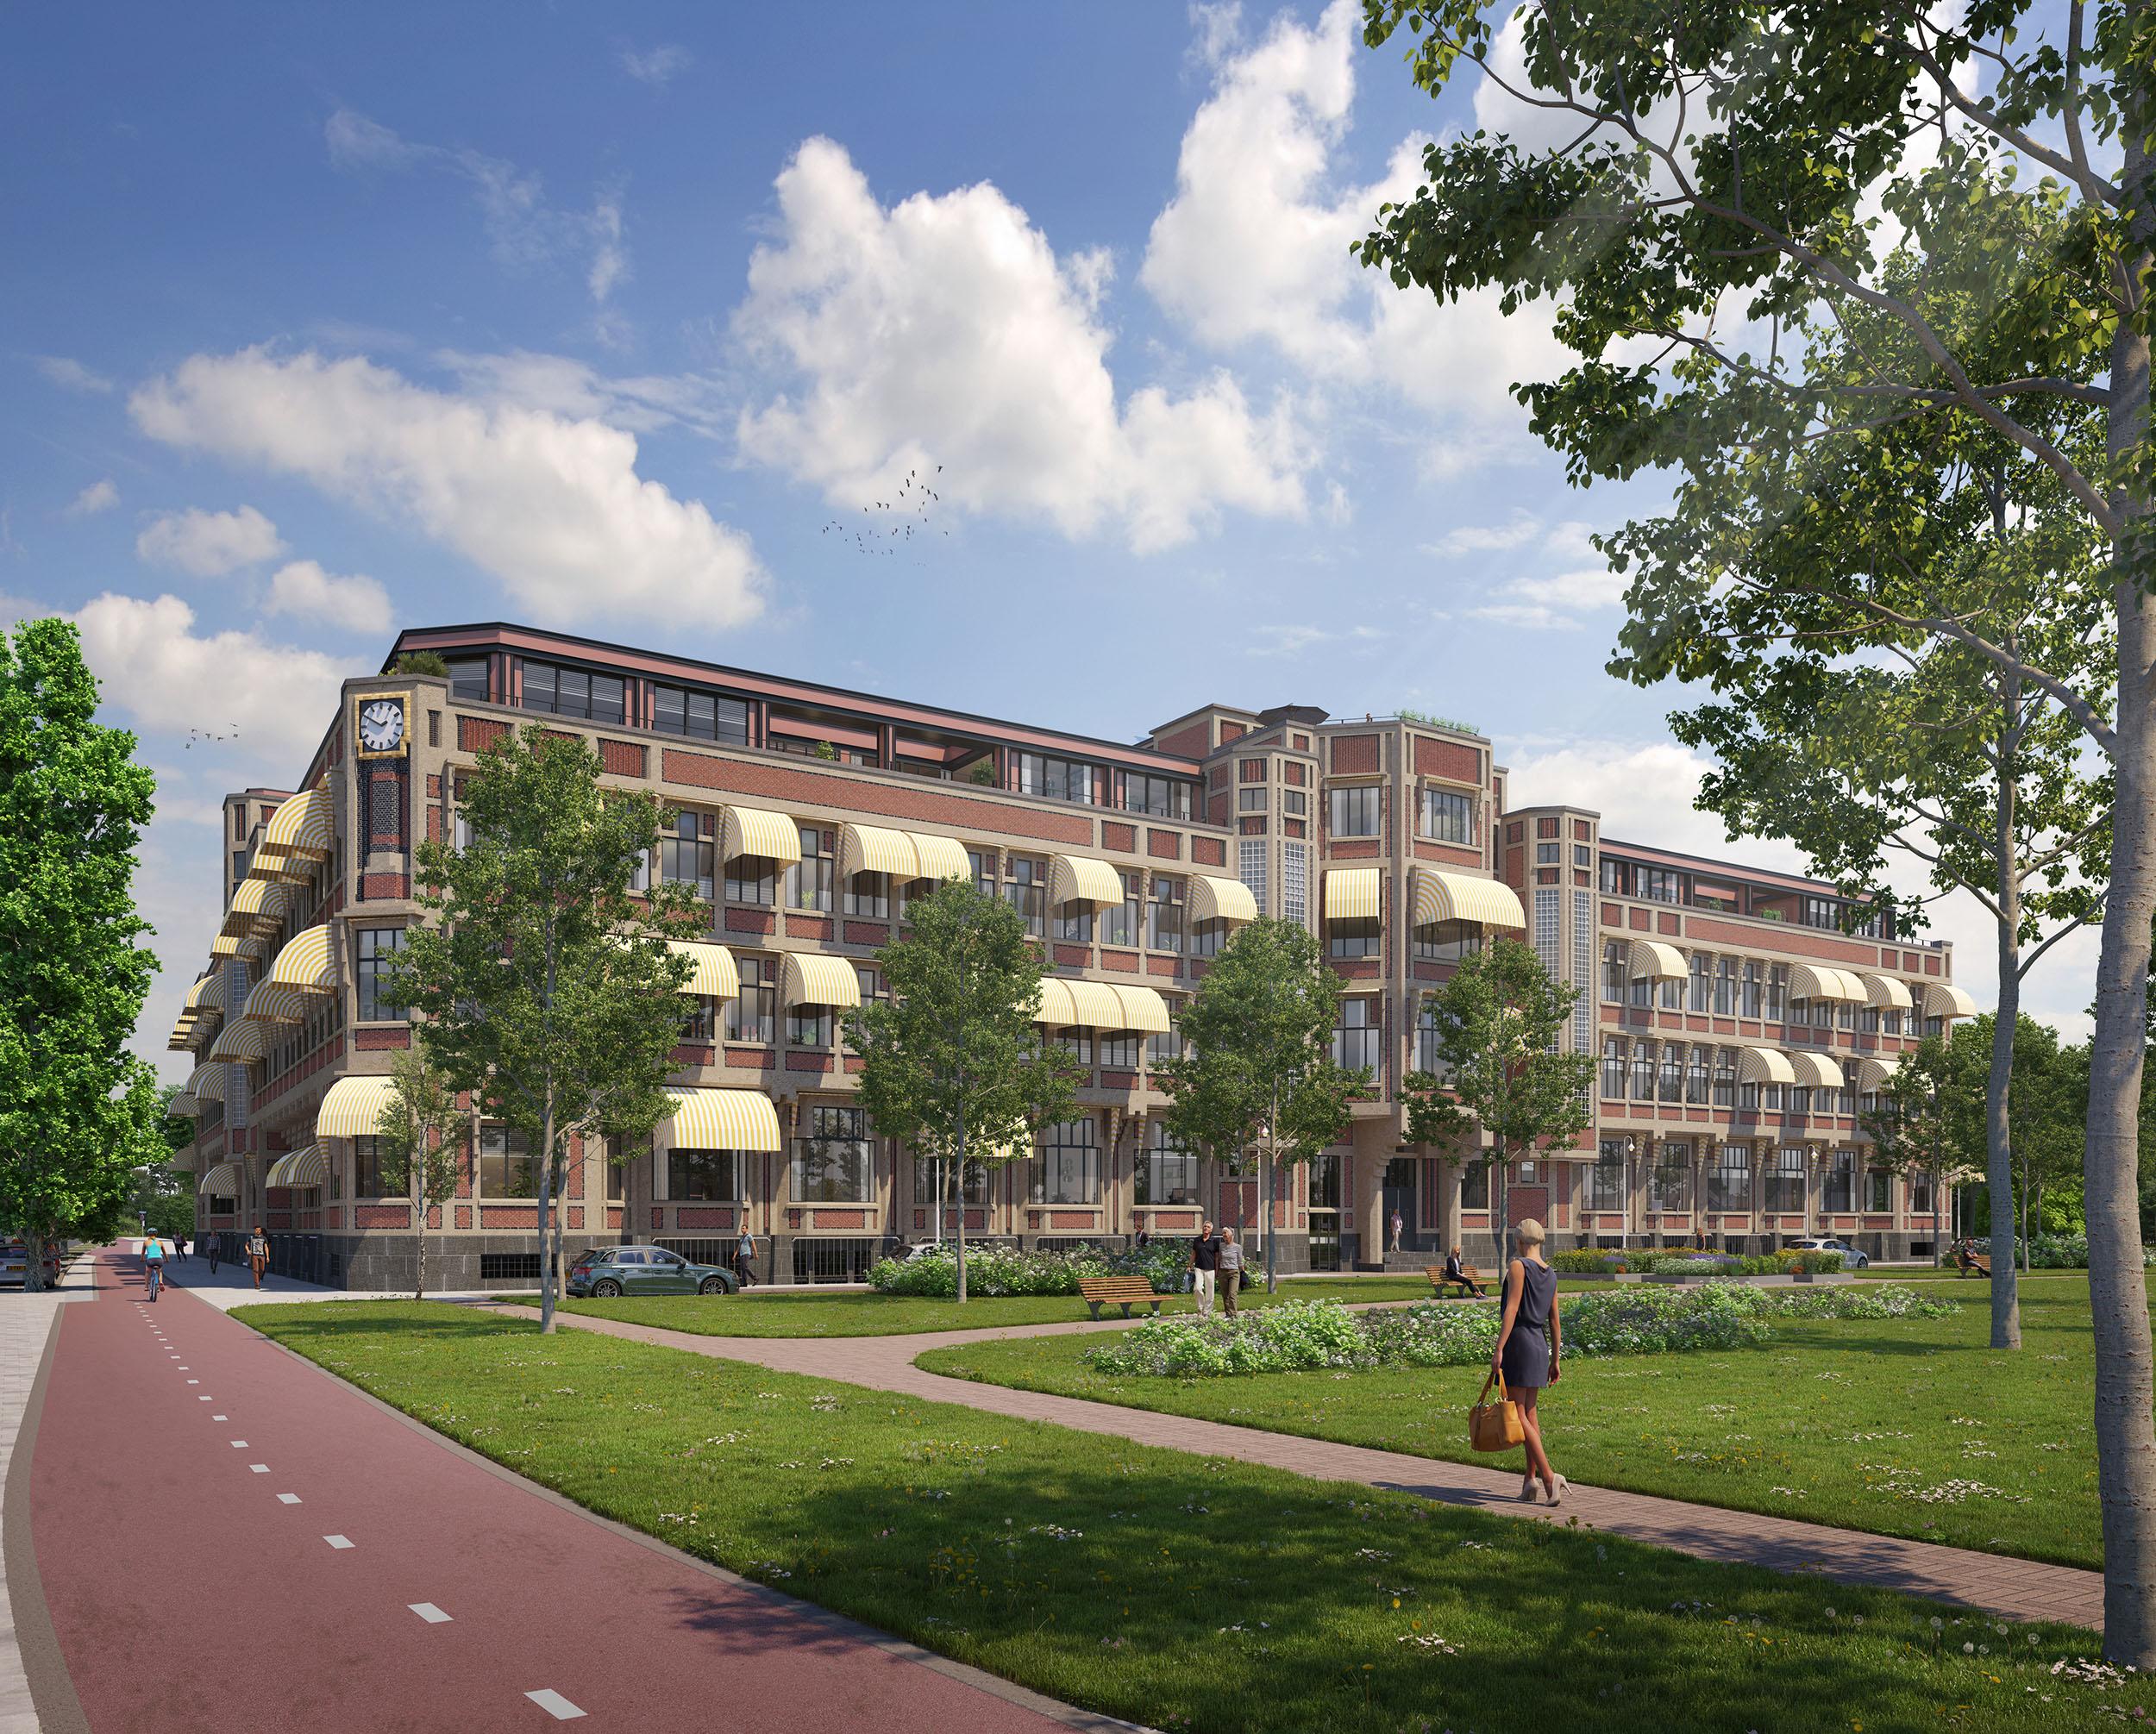 Architectenbureau Den Haag : Het berlagehuis den haag braaksma roos